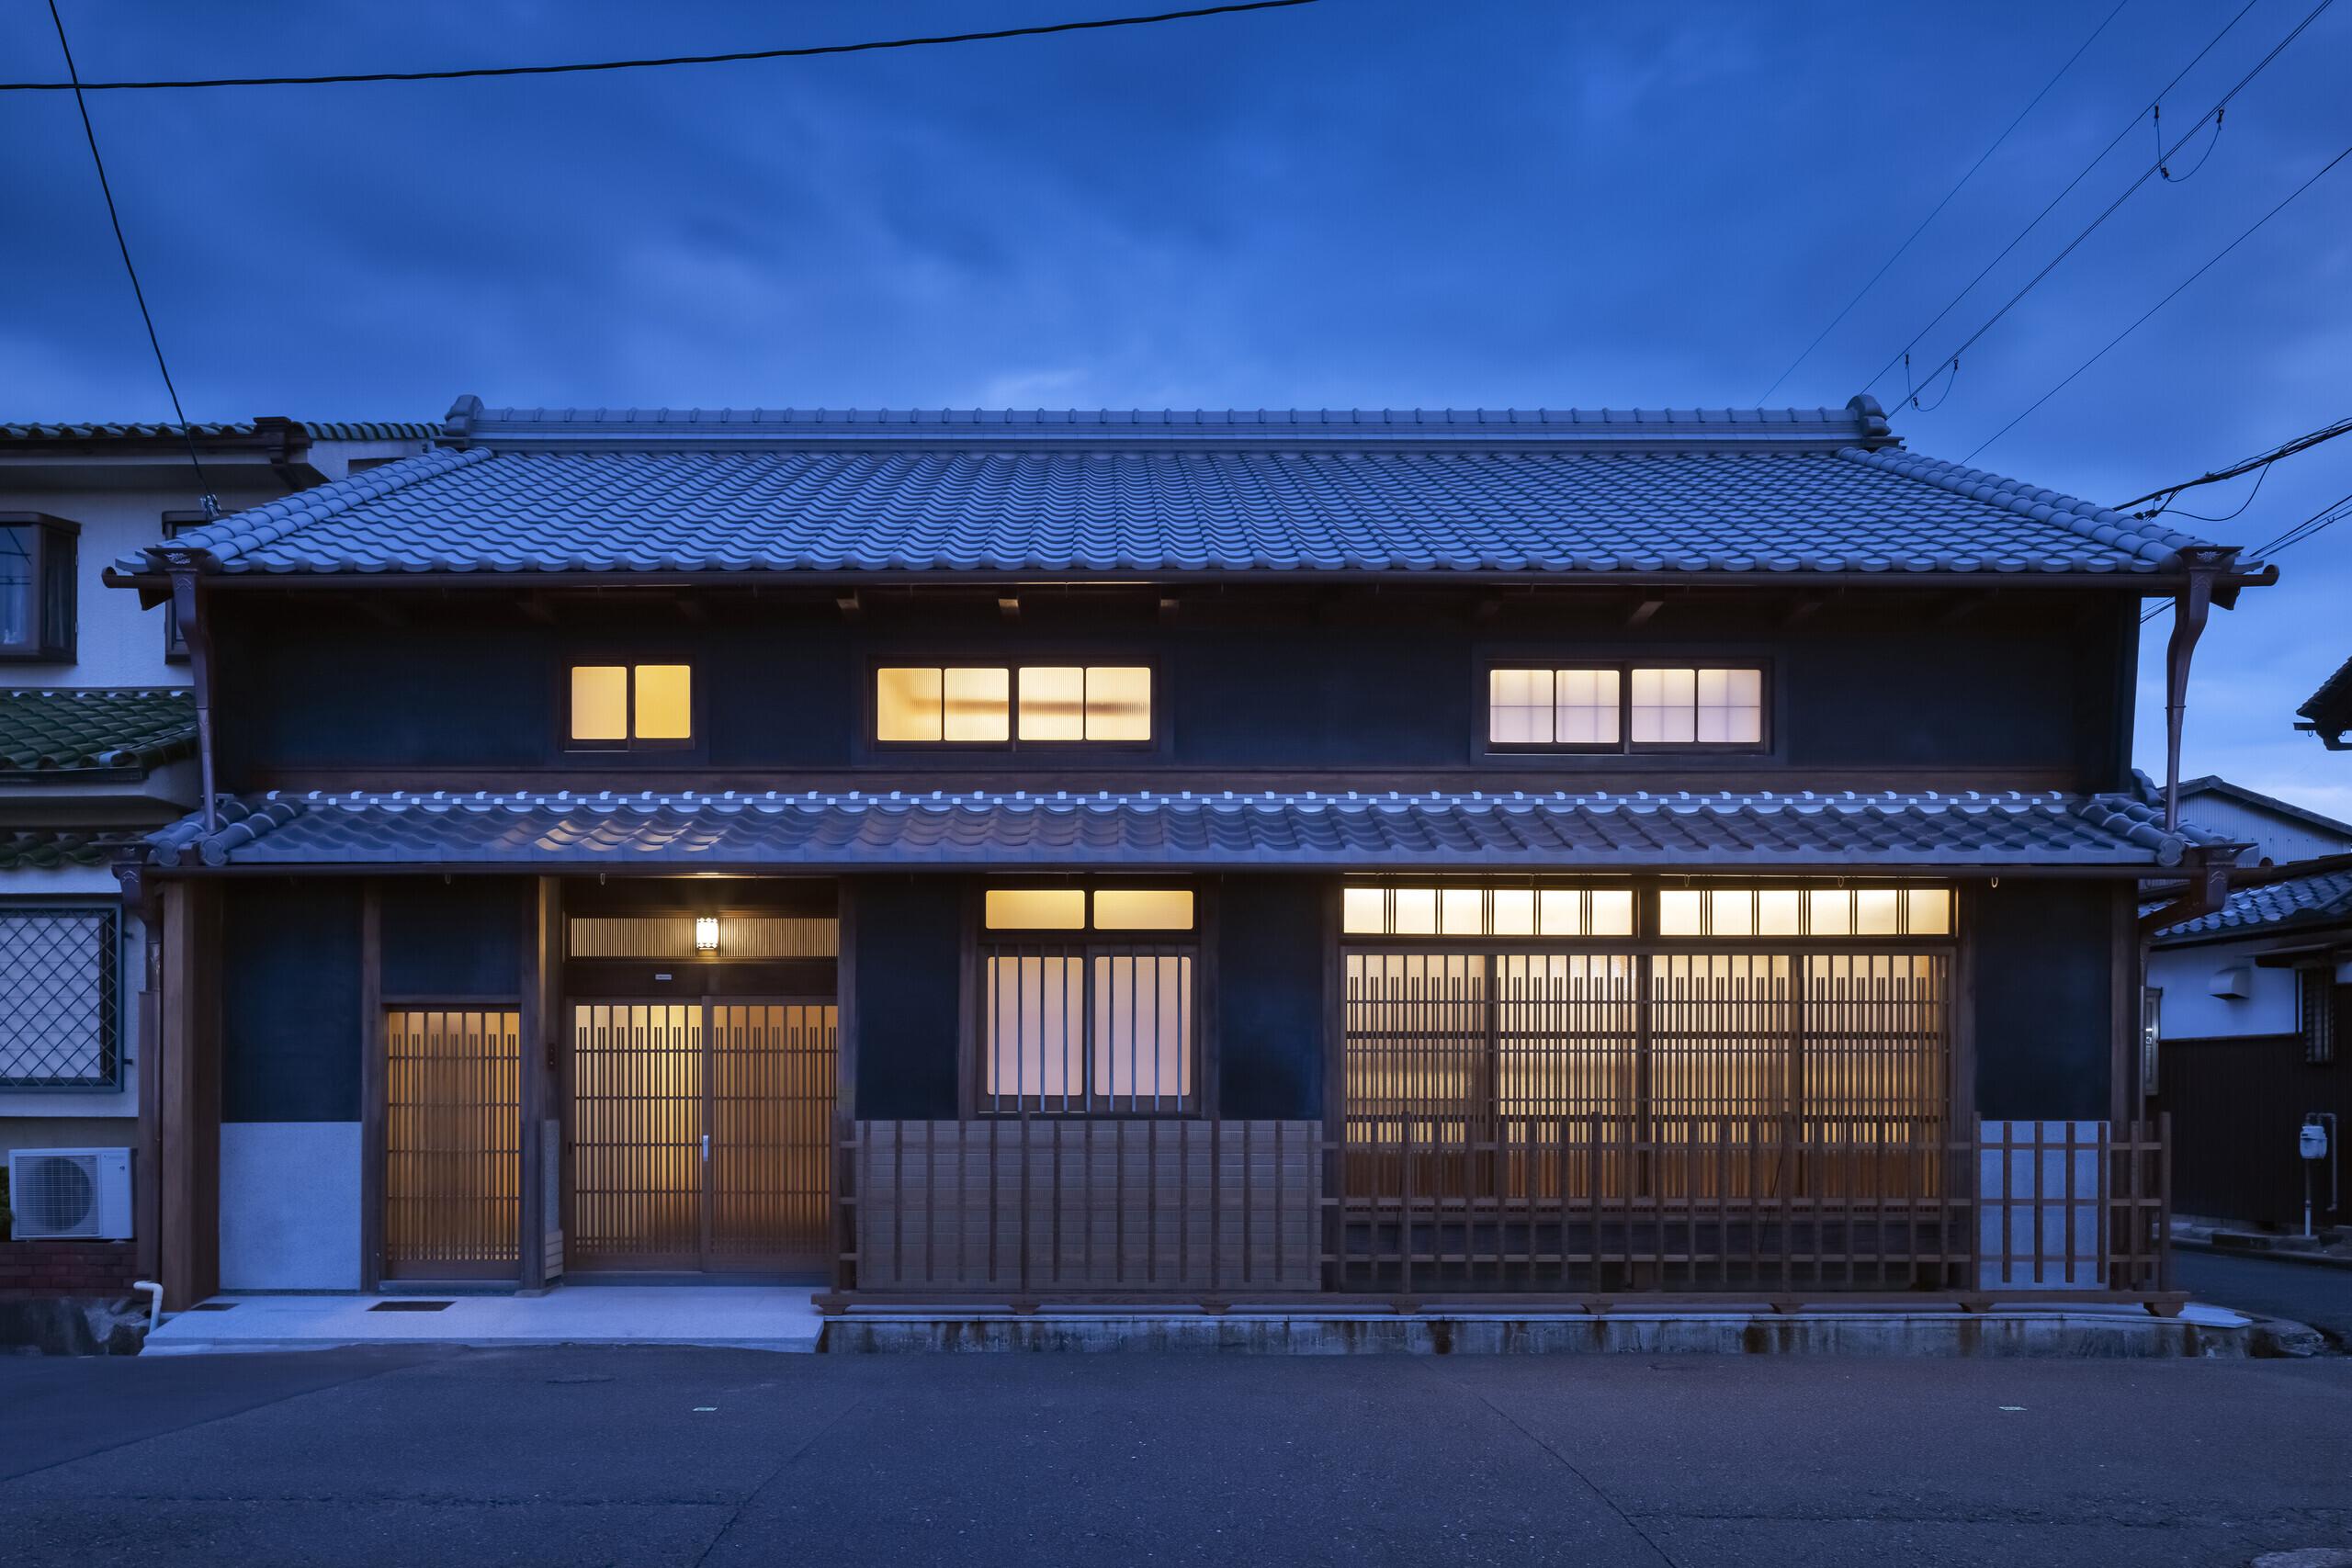 ファサード(夕景)建設当初のデザインで修景 玄関欄間のバルベット照明も当時のまま蘇りました. | 住み継がれる町屋|街並みの再生 奈良の家